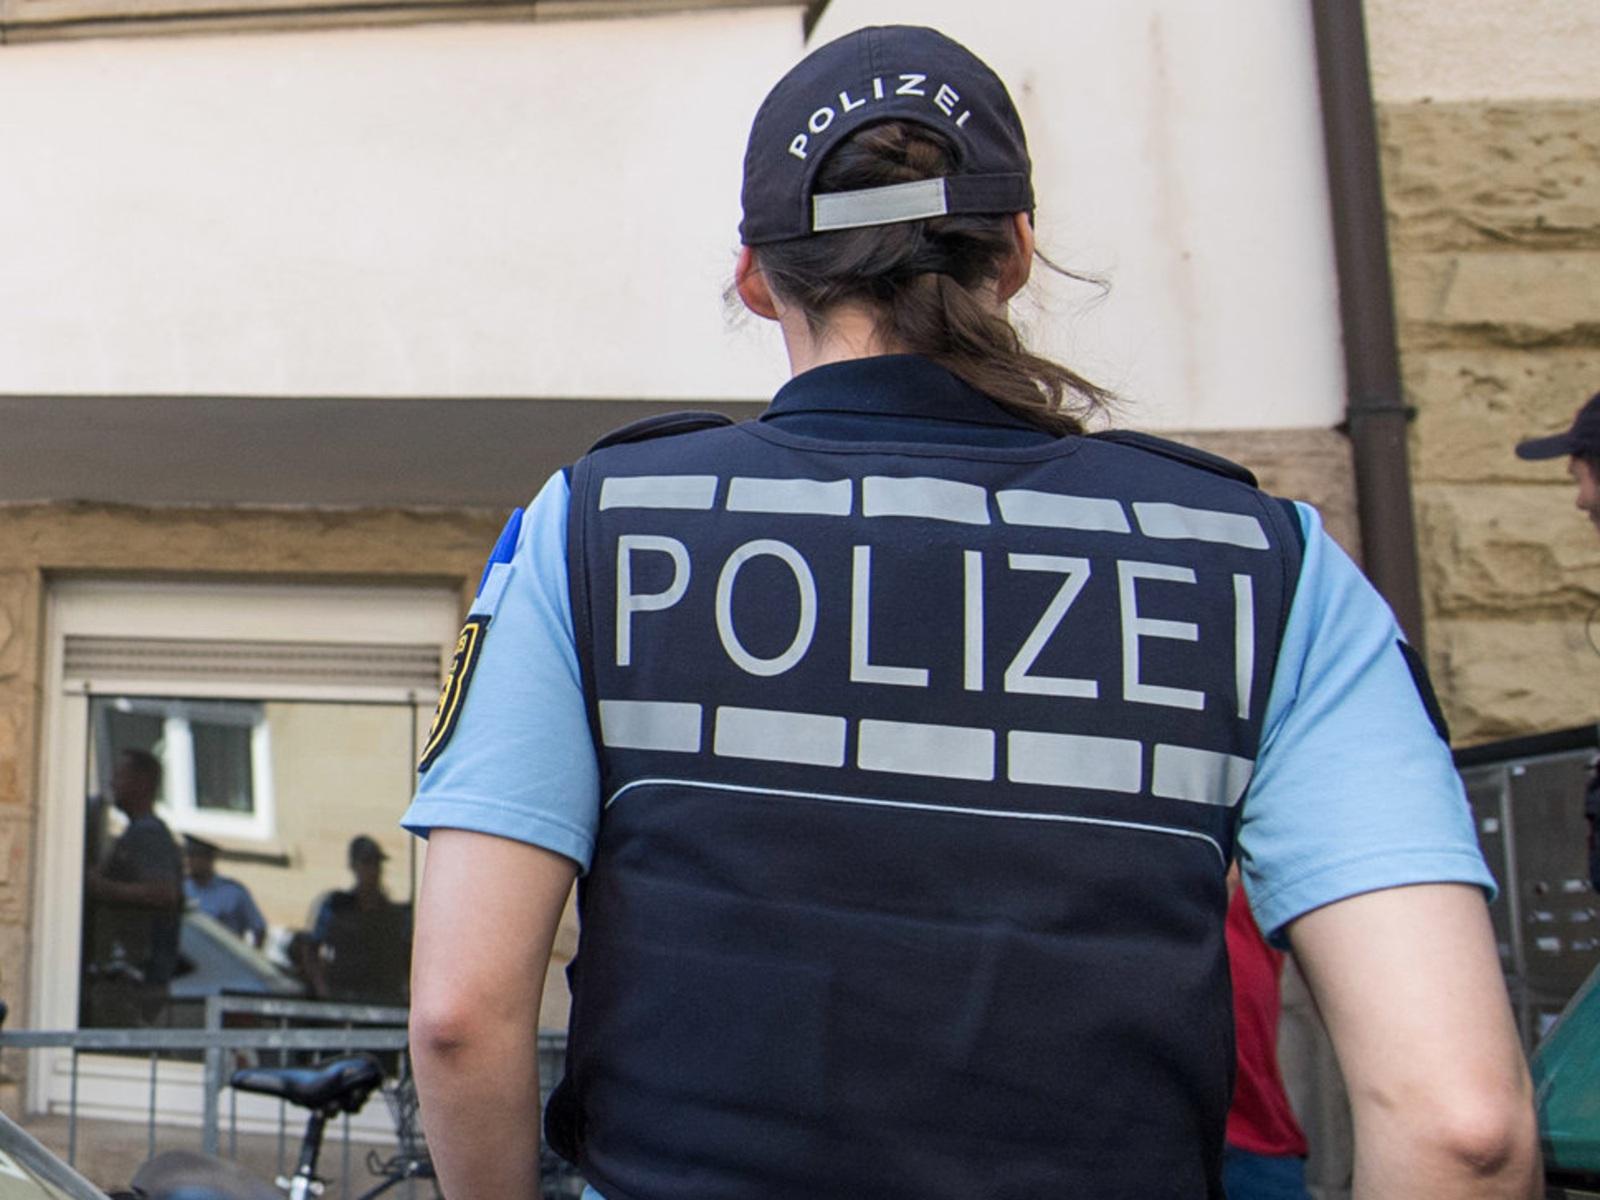 Frau erwartet heißes date dann stürmt die polizei ihre wohnung